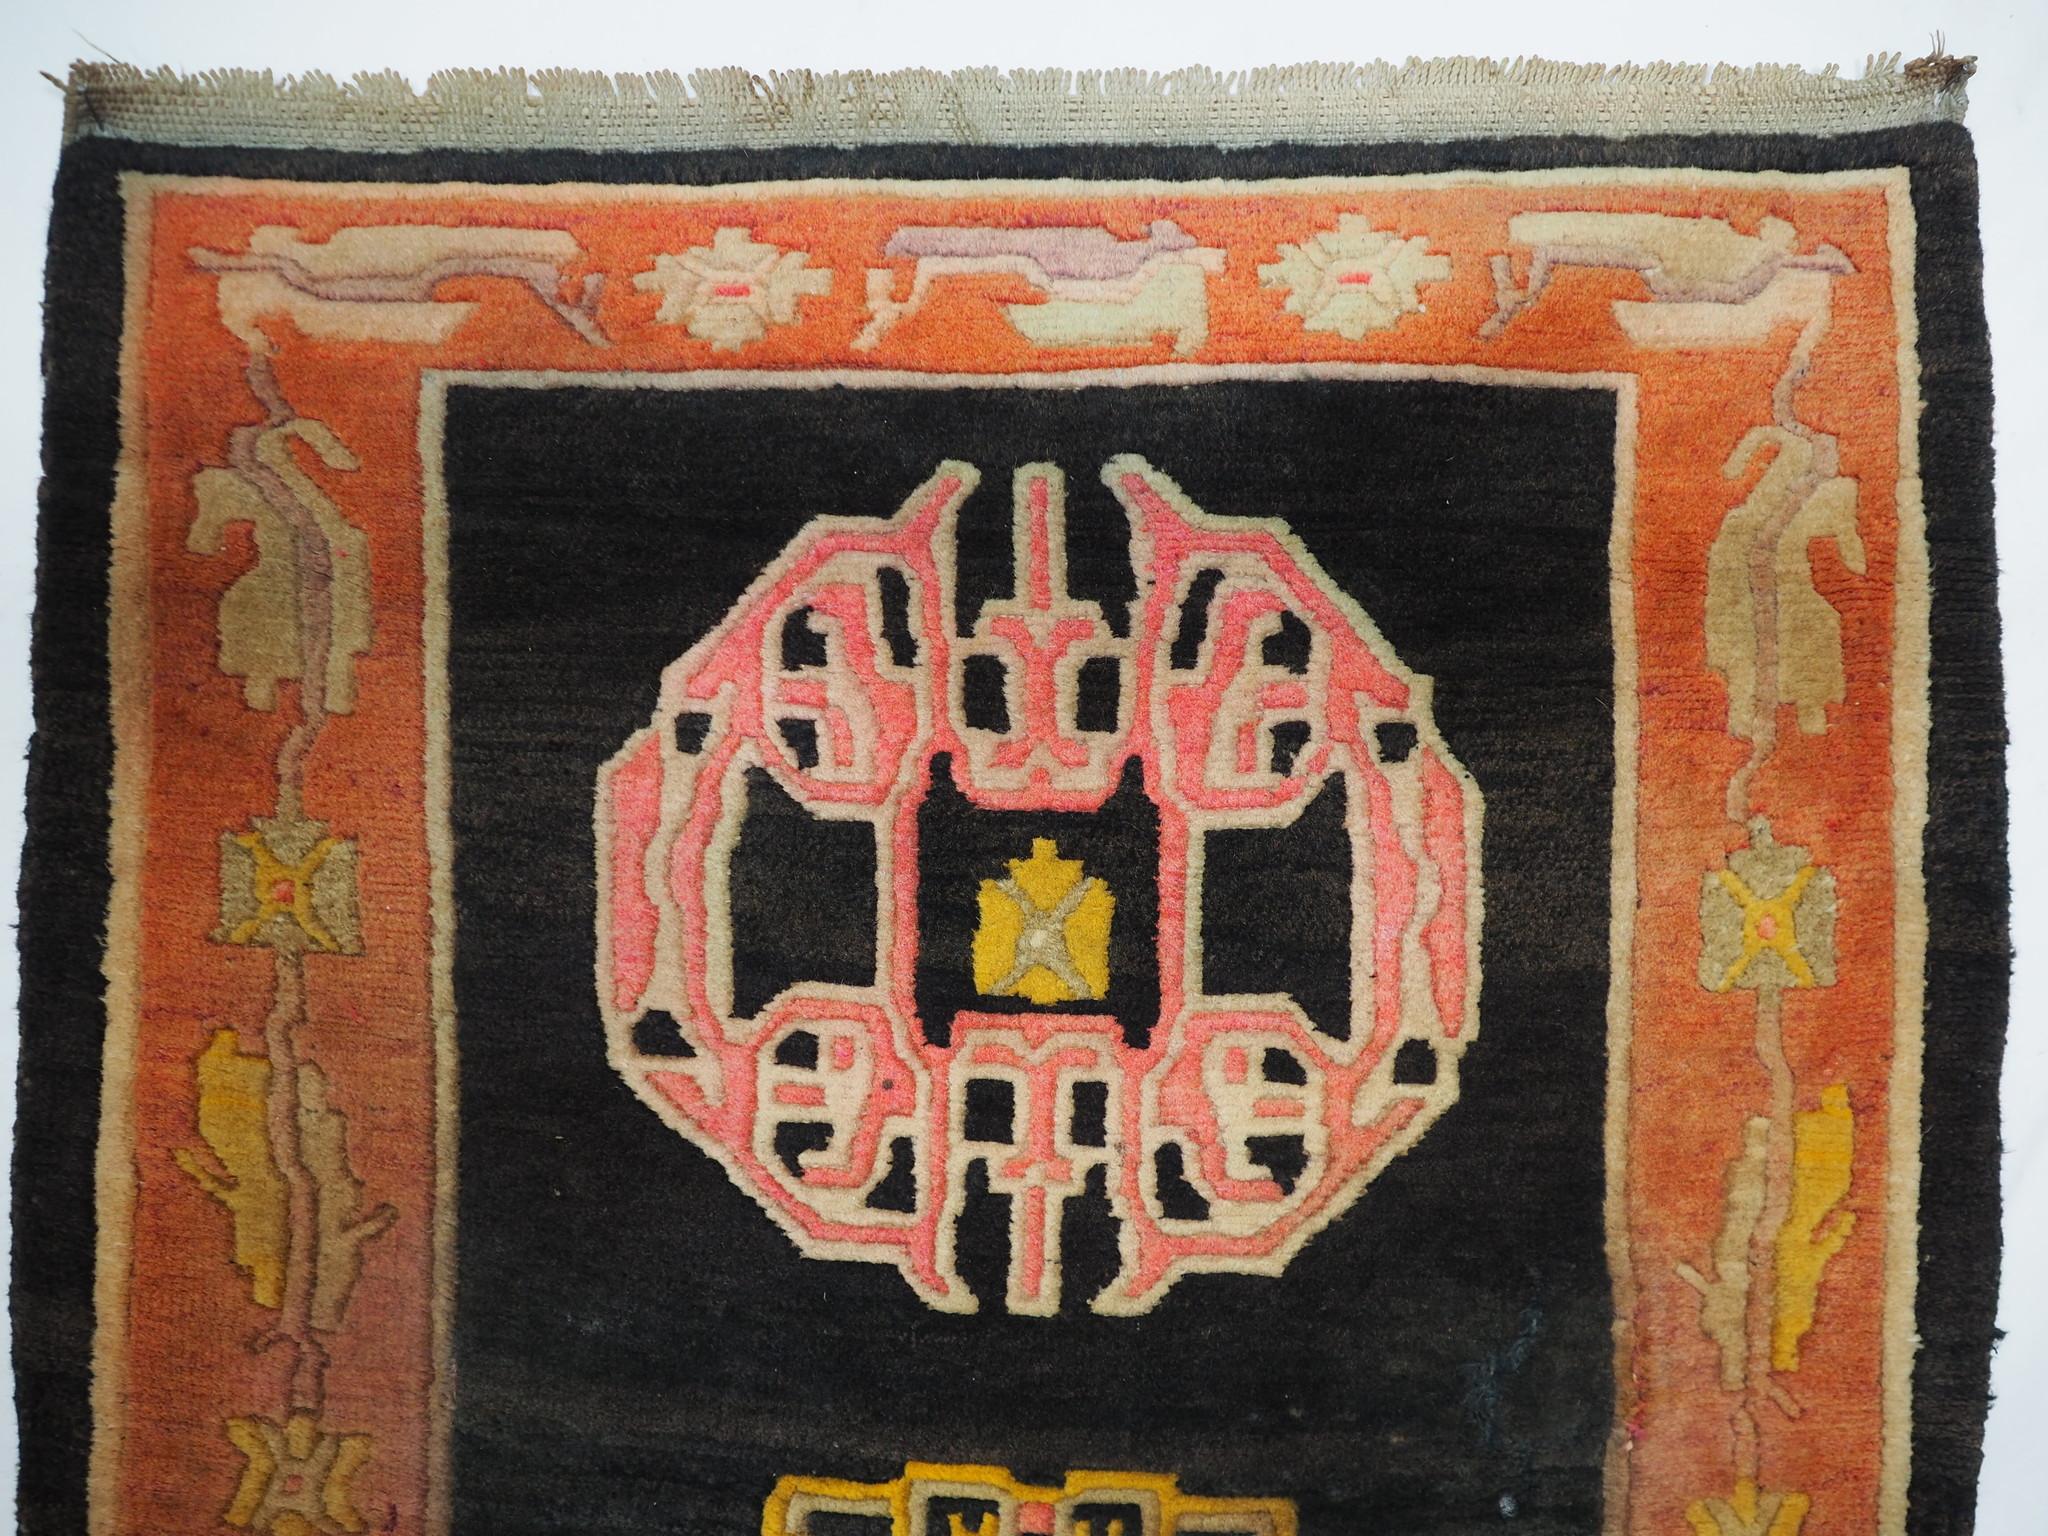 163x98 cm antik Tibetischer Khaden Yoga Meditation Dorfteppich buddhistische Klöster gebetsteppich Teppich Schlafteppich Nr.12